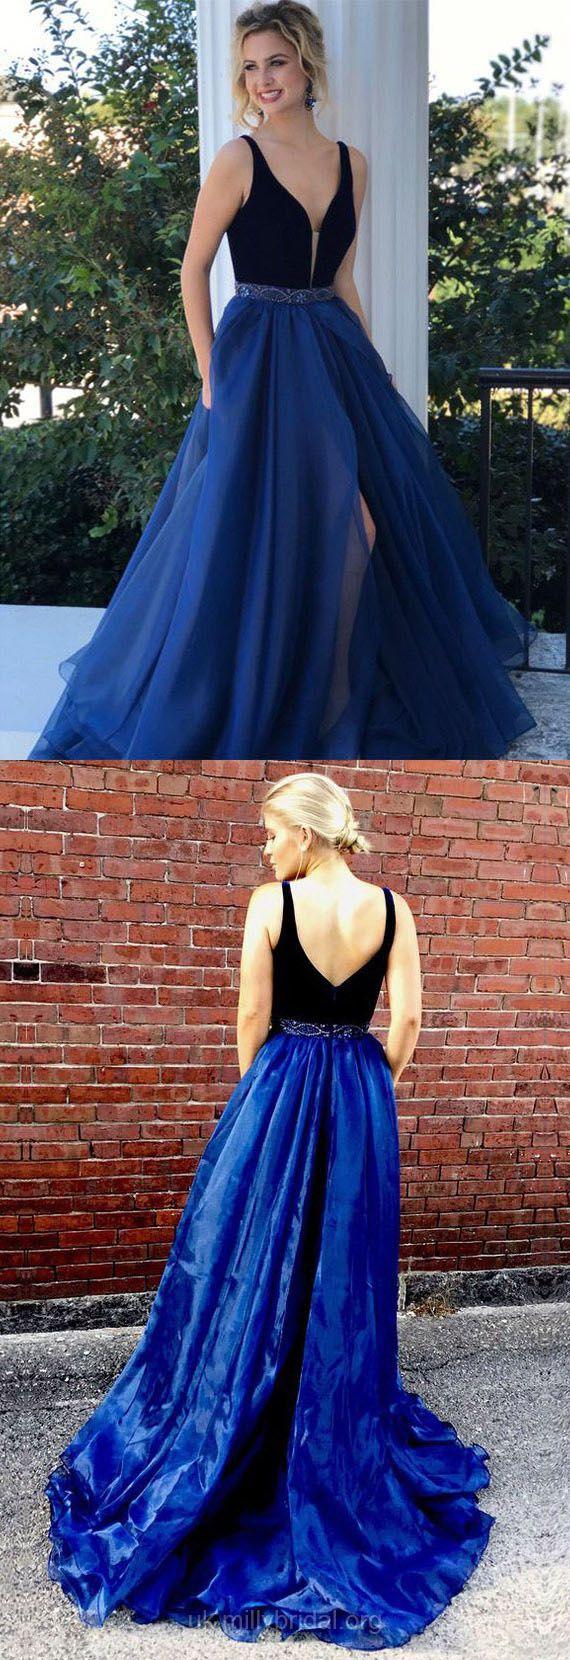 Long prom dresses blue velvet prom dresses vneck graduation